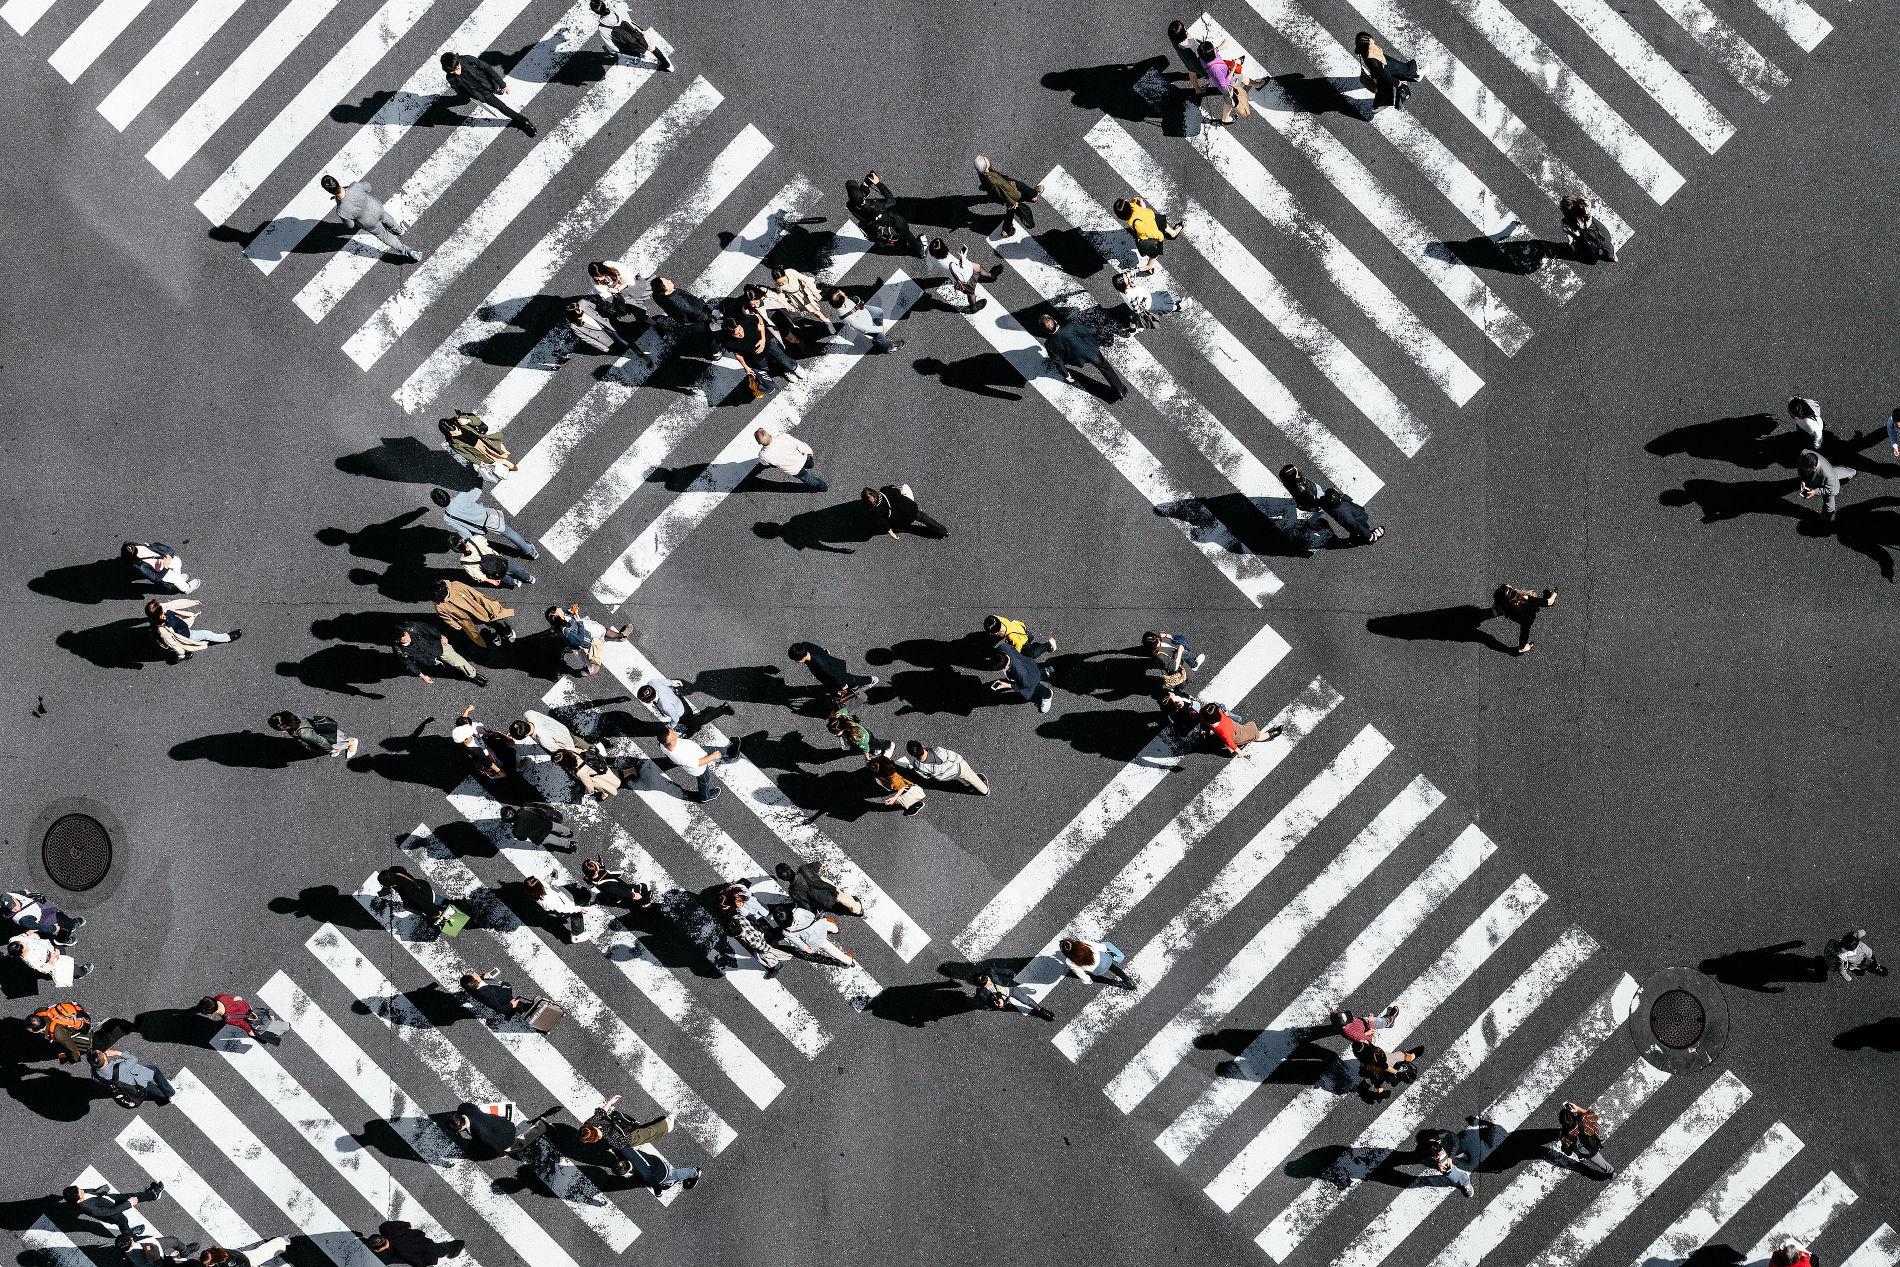 Пешеходный переход в Токио ©Фото Ryoji Iwata, unsplash.com